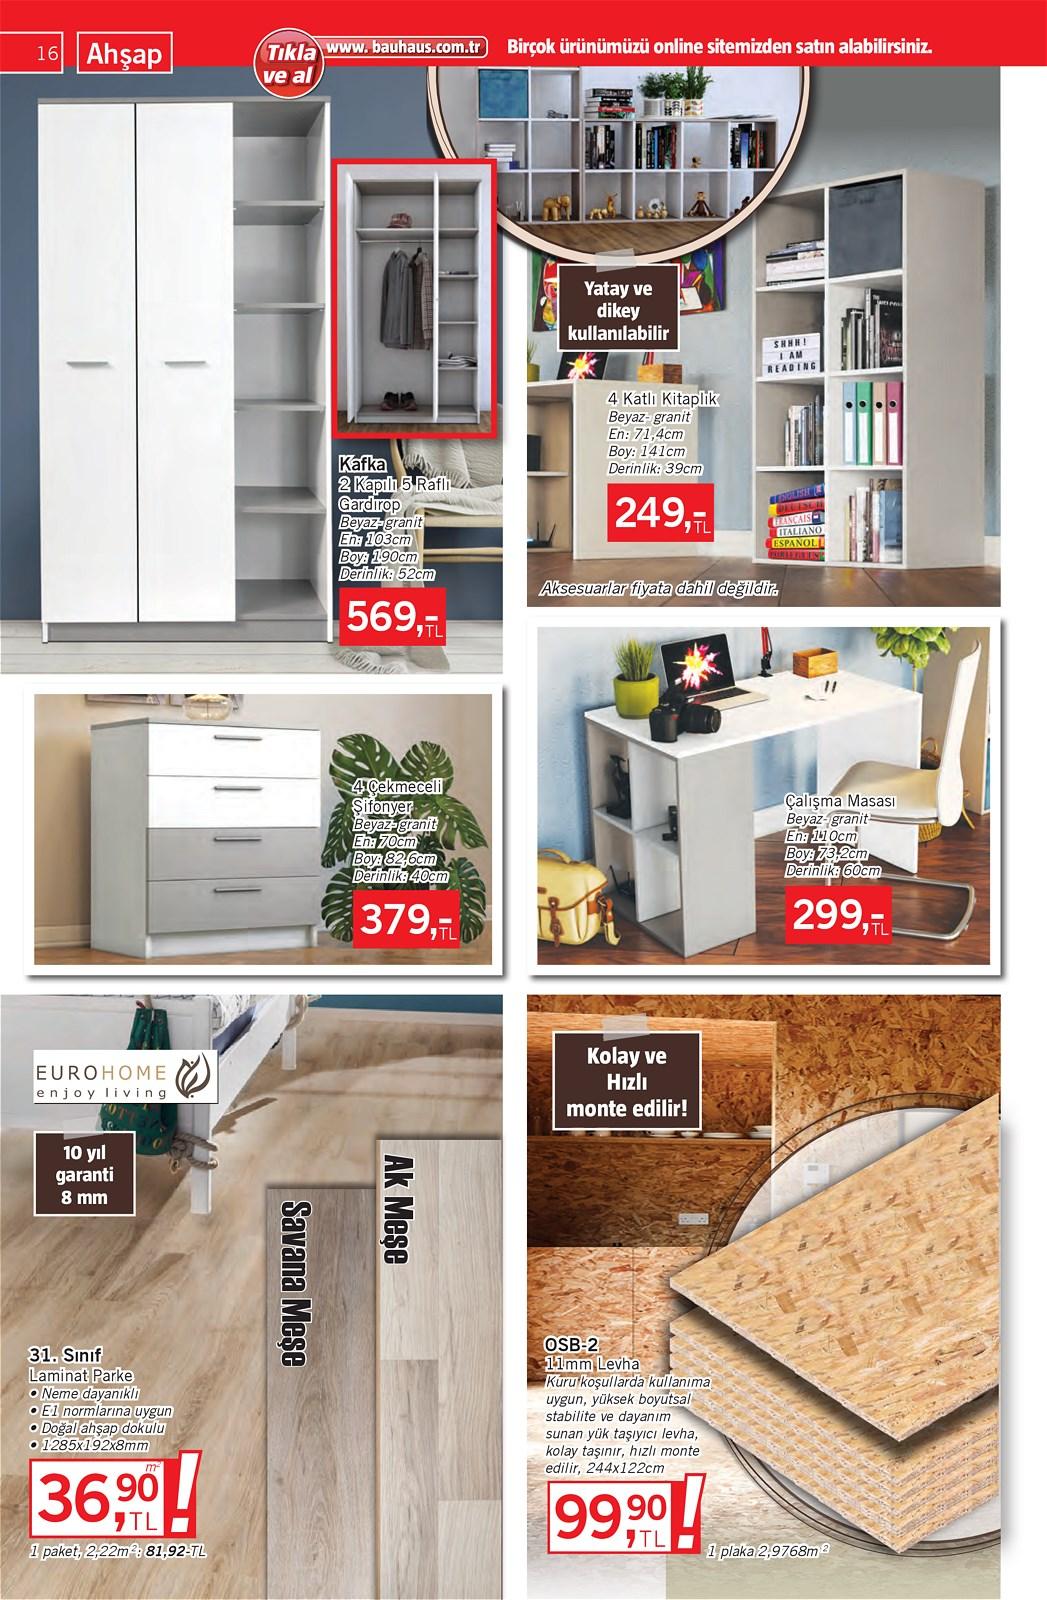 09.01.2021 Bauhaus broşürü 16. sayfa